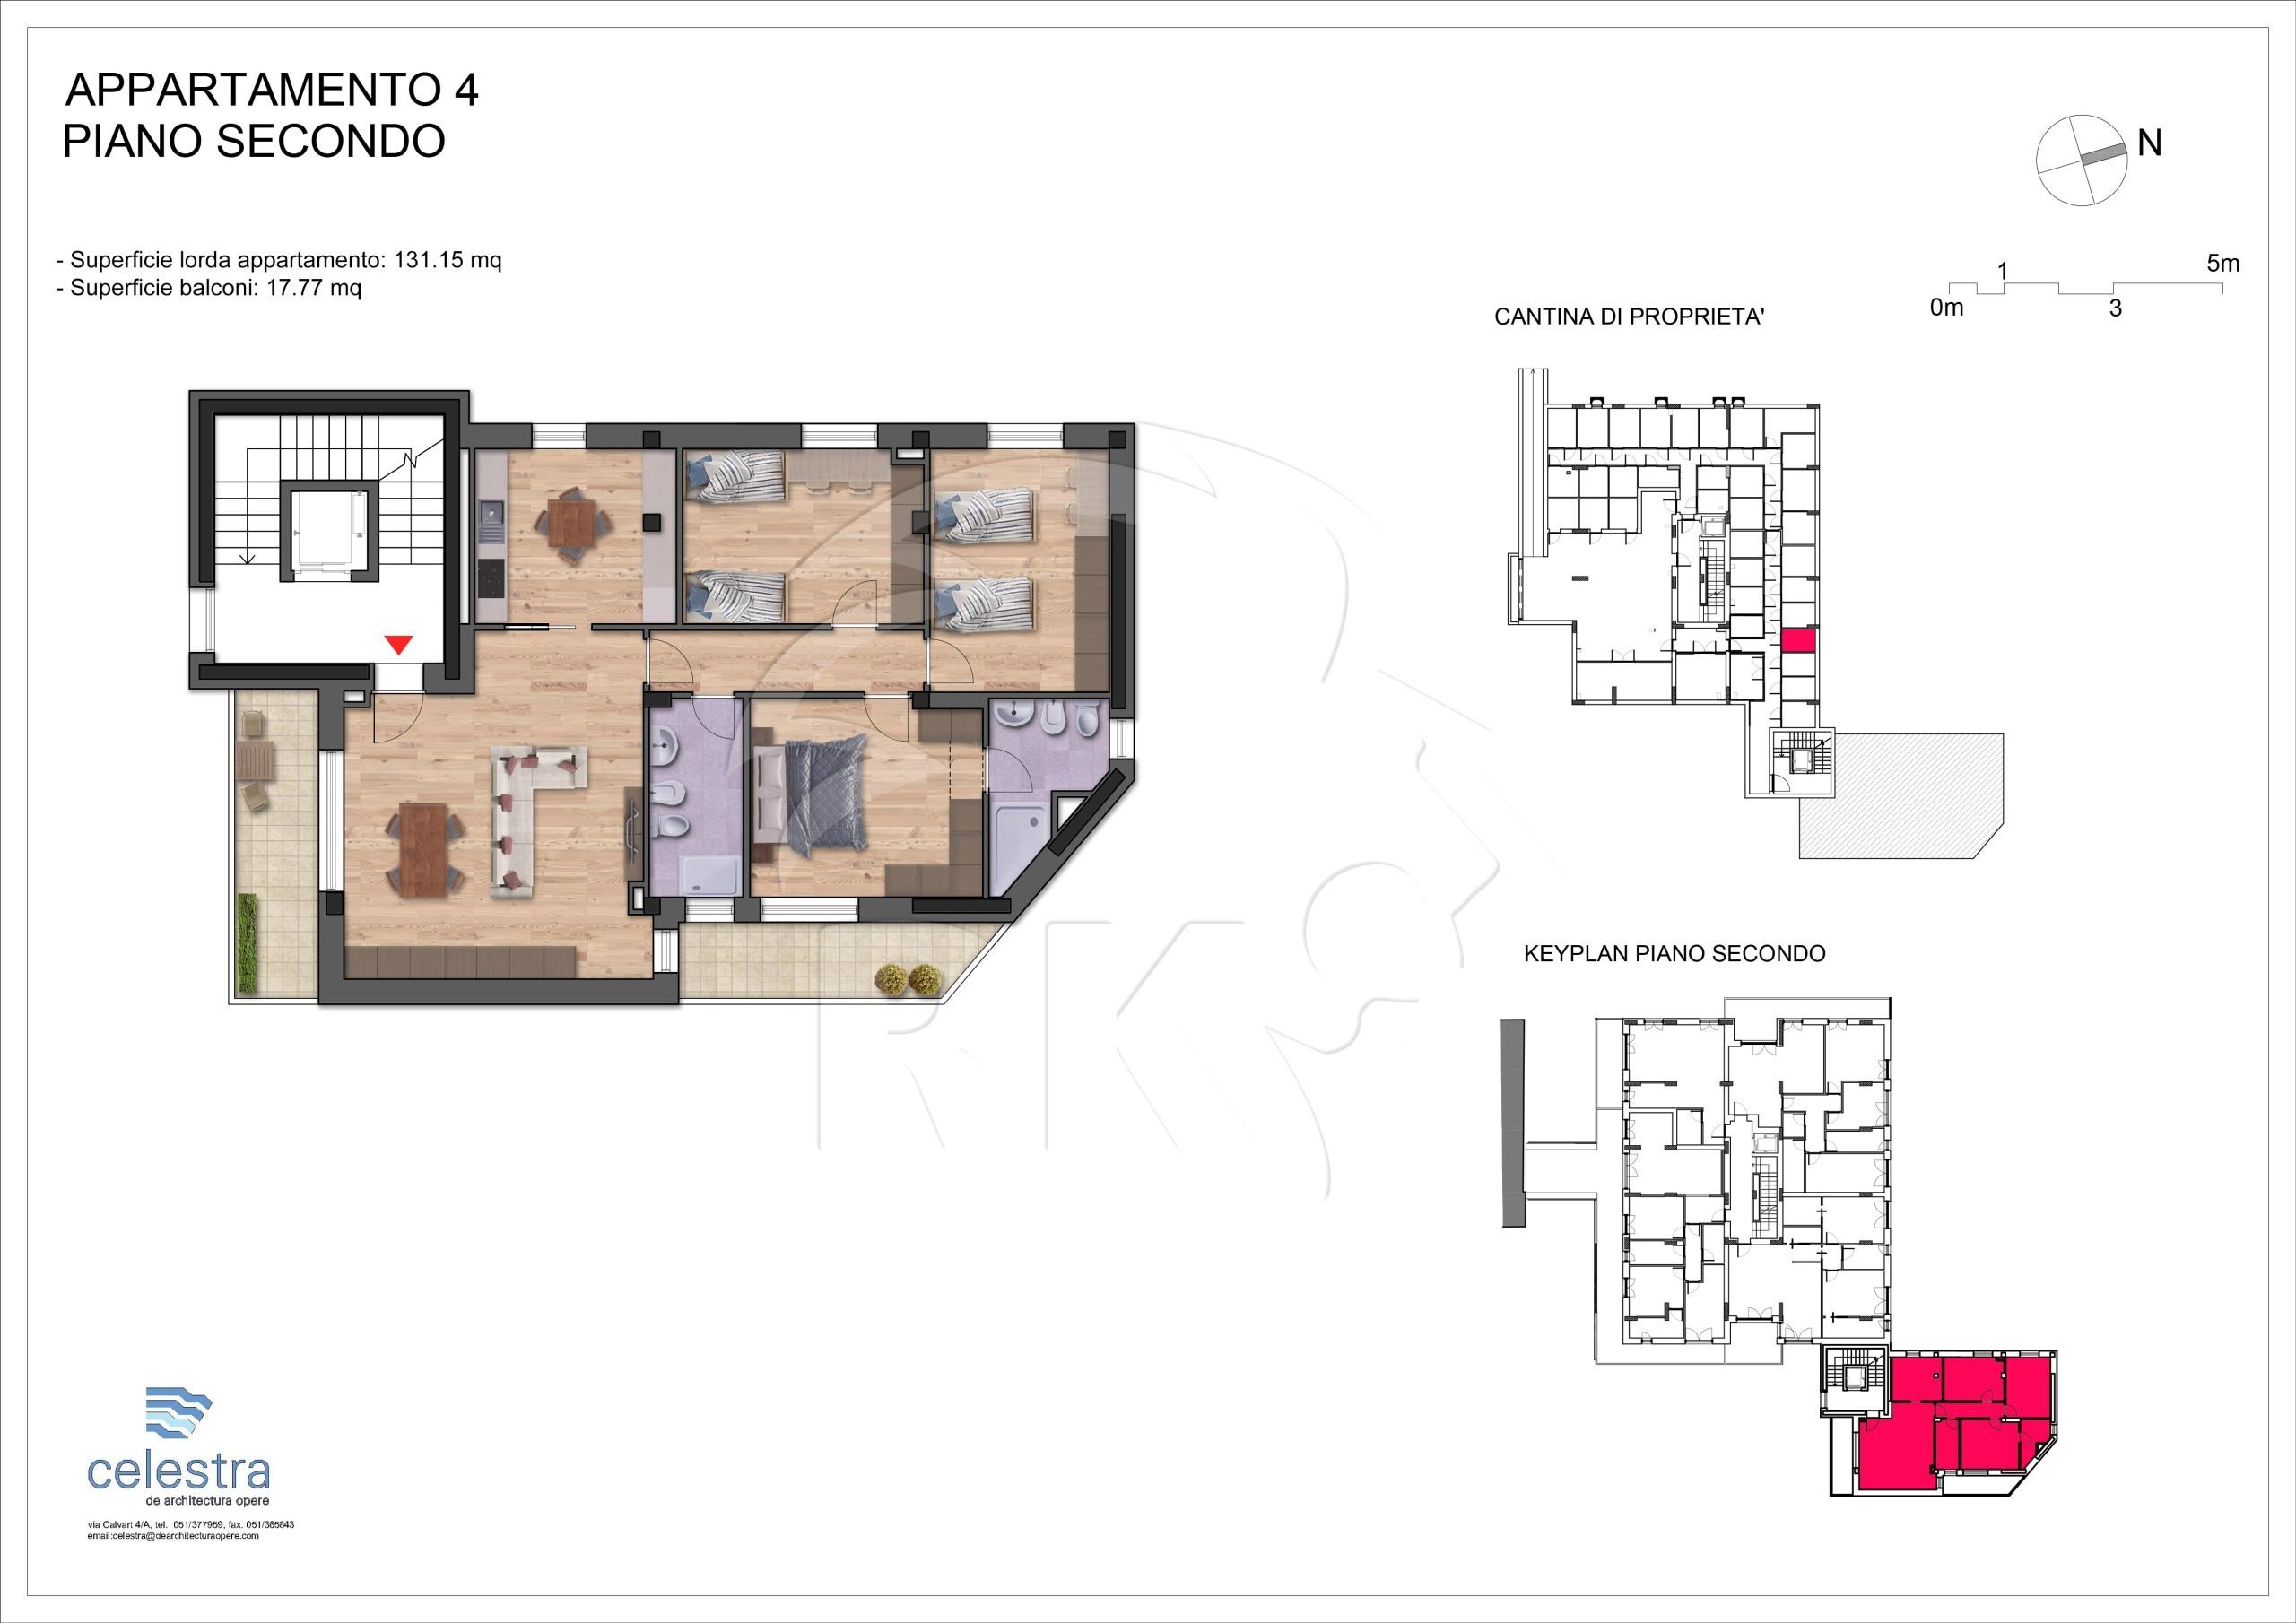 Appartamento pentalocale in vendita bologna san vitale via for Compenso agenzia immobiliare